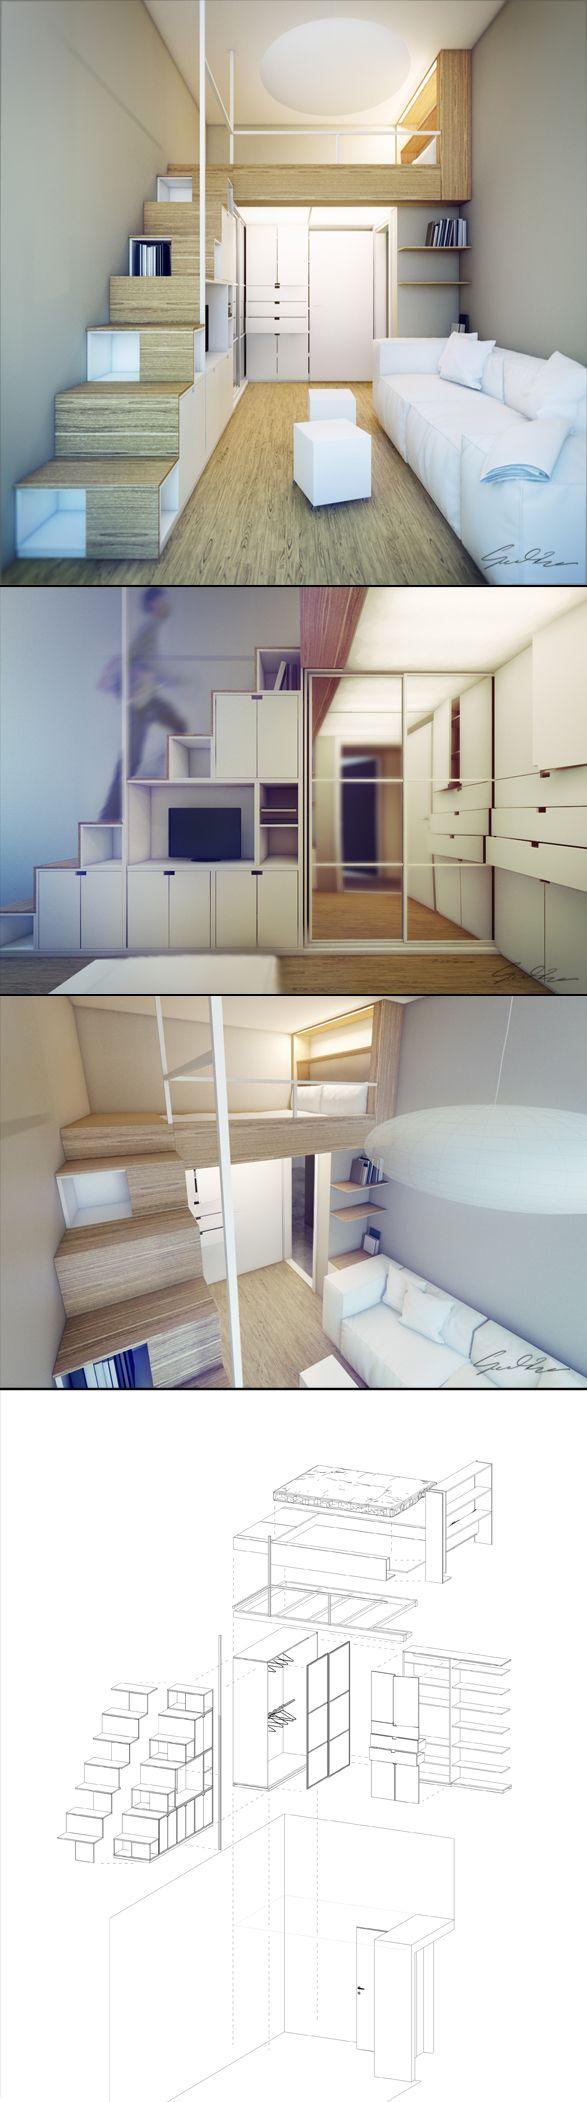 Additional guest space in my office??   Mezzanine pour chambre côté rue. Rangement sous/dans escalier. Facile d'y intégrer bureau si besoin pour plus tard.